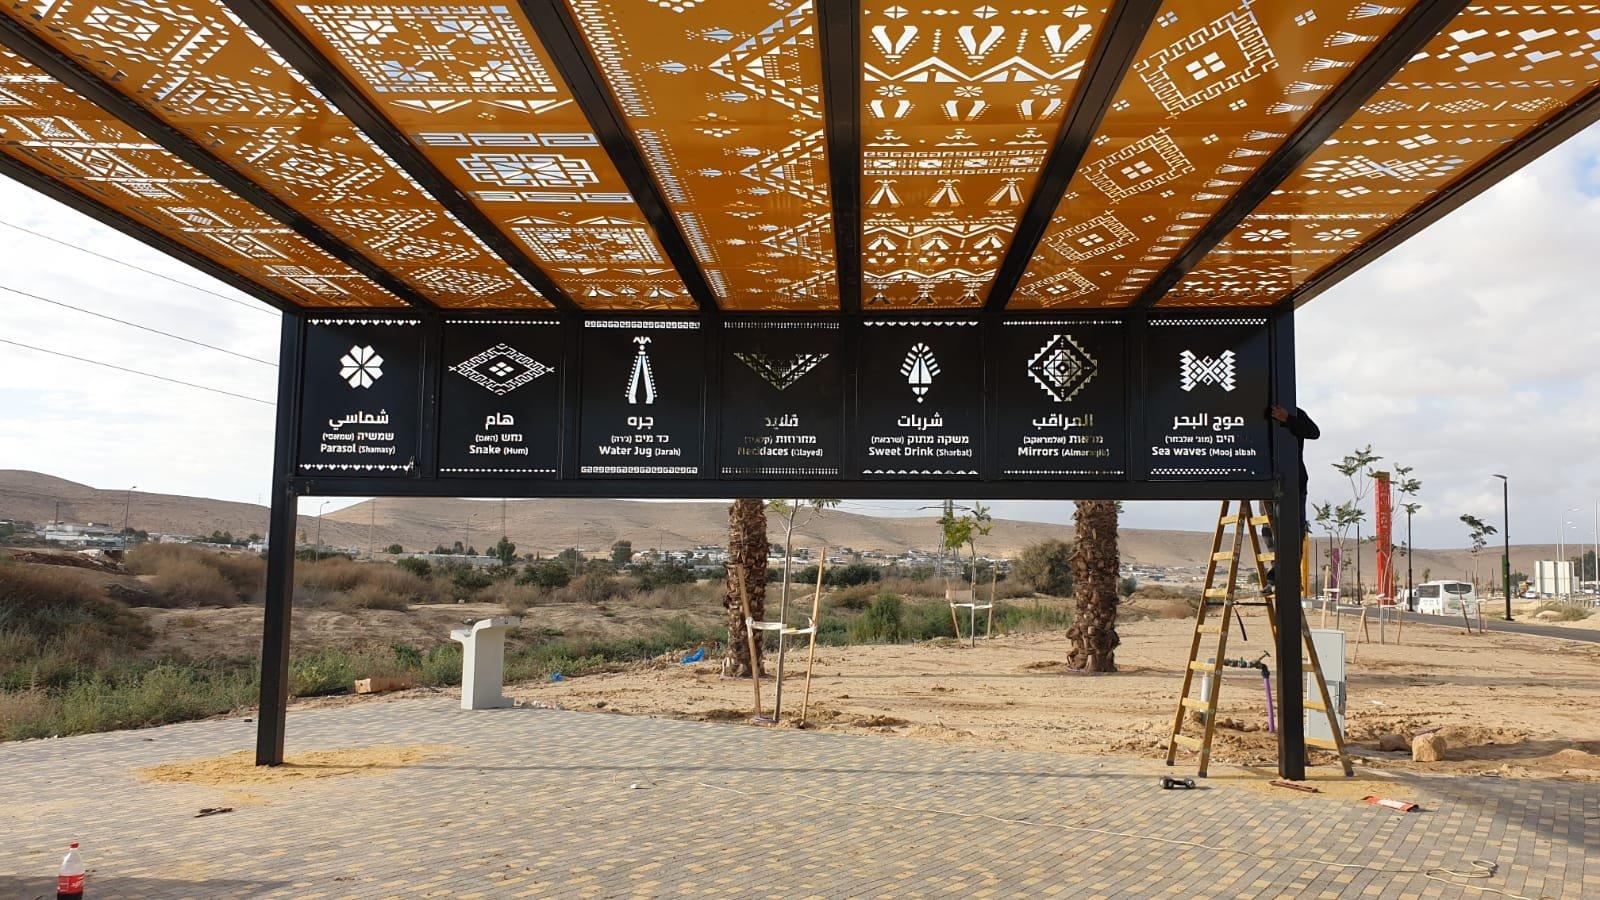 الكليّة الأكاديميّة بيت بيرل تعقد يومًا دراسيًّا بمناسبة افتتاح متنزّه التطريز البدوي الأوّل من نوعه في قرية قصر السر في النقب